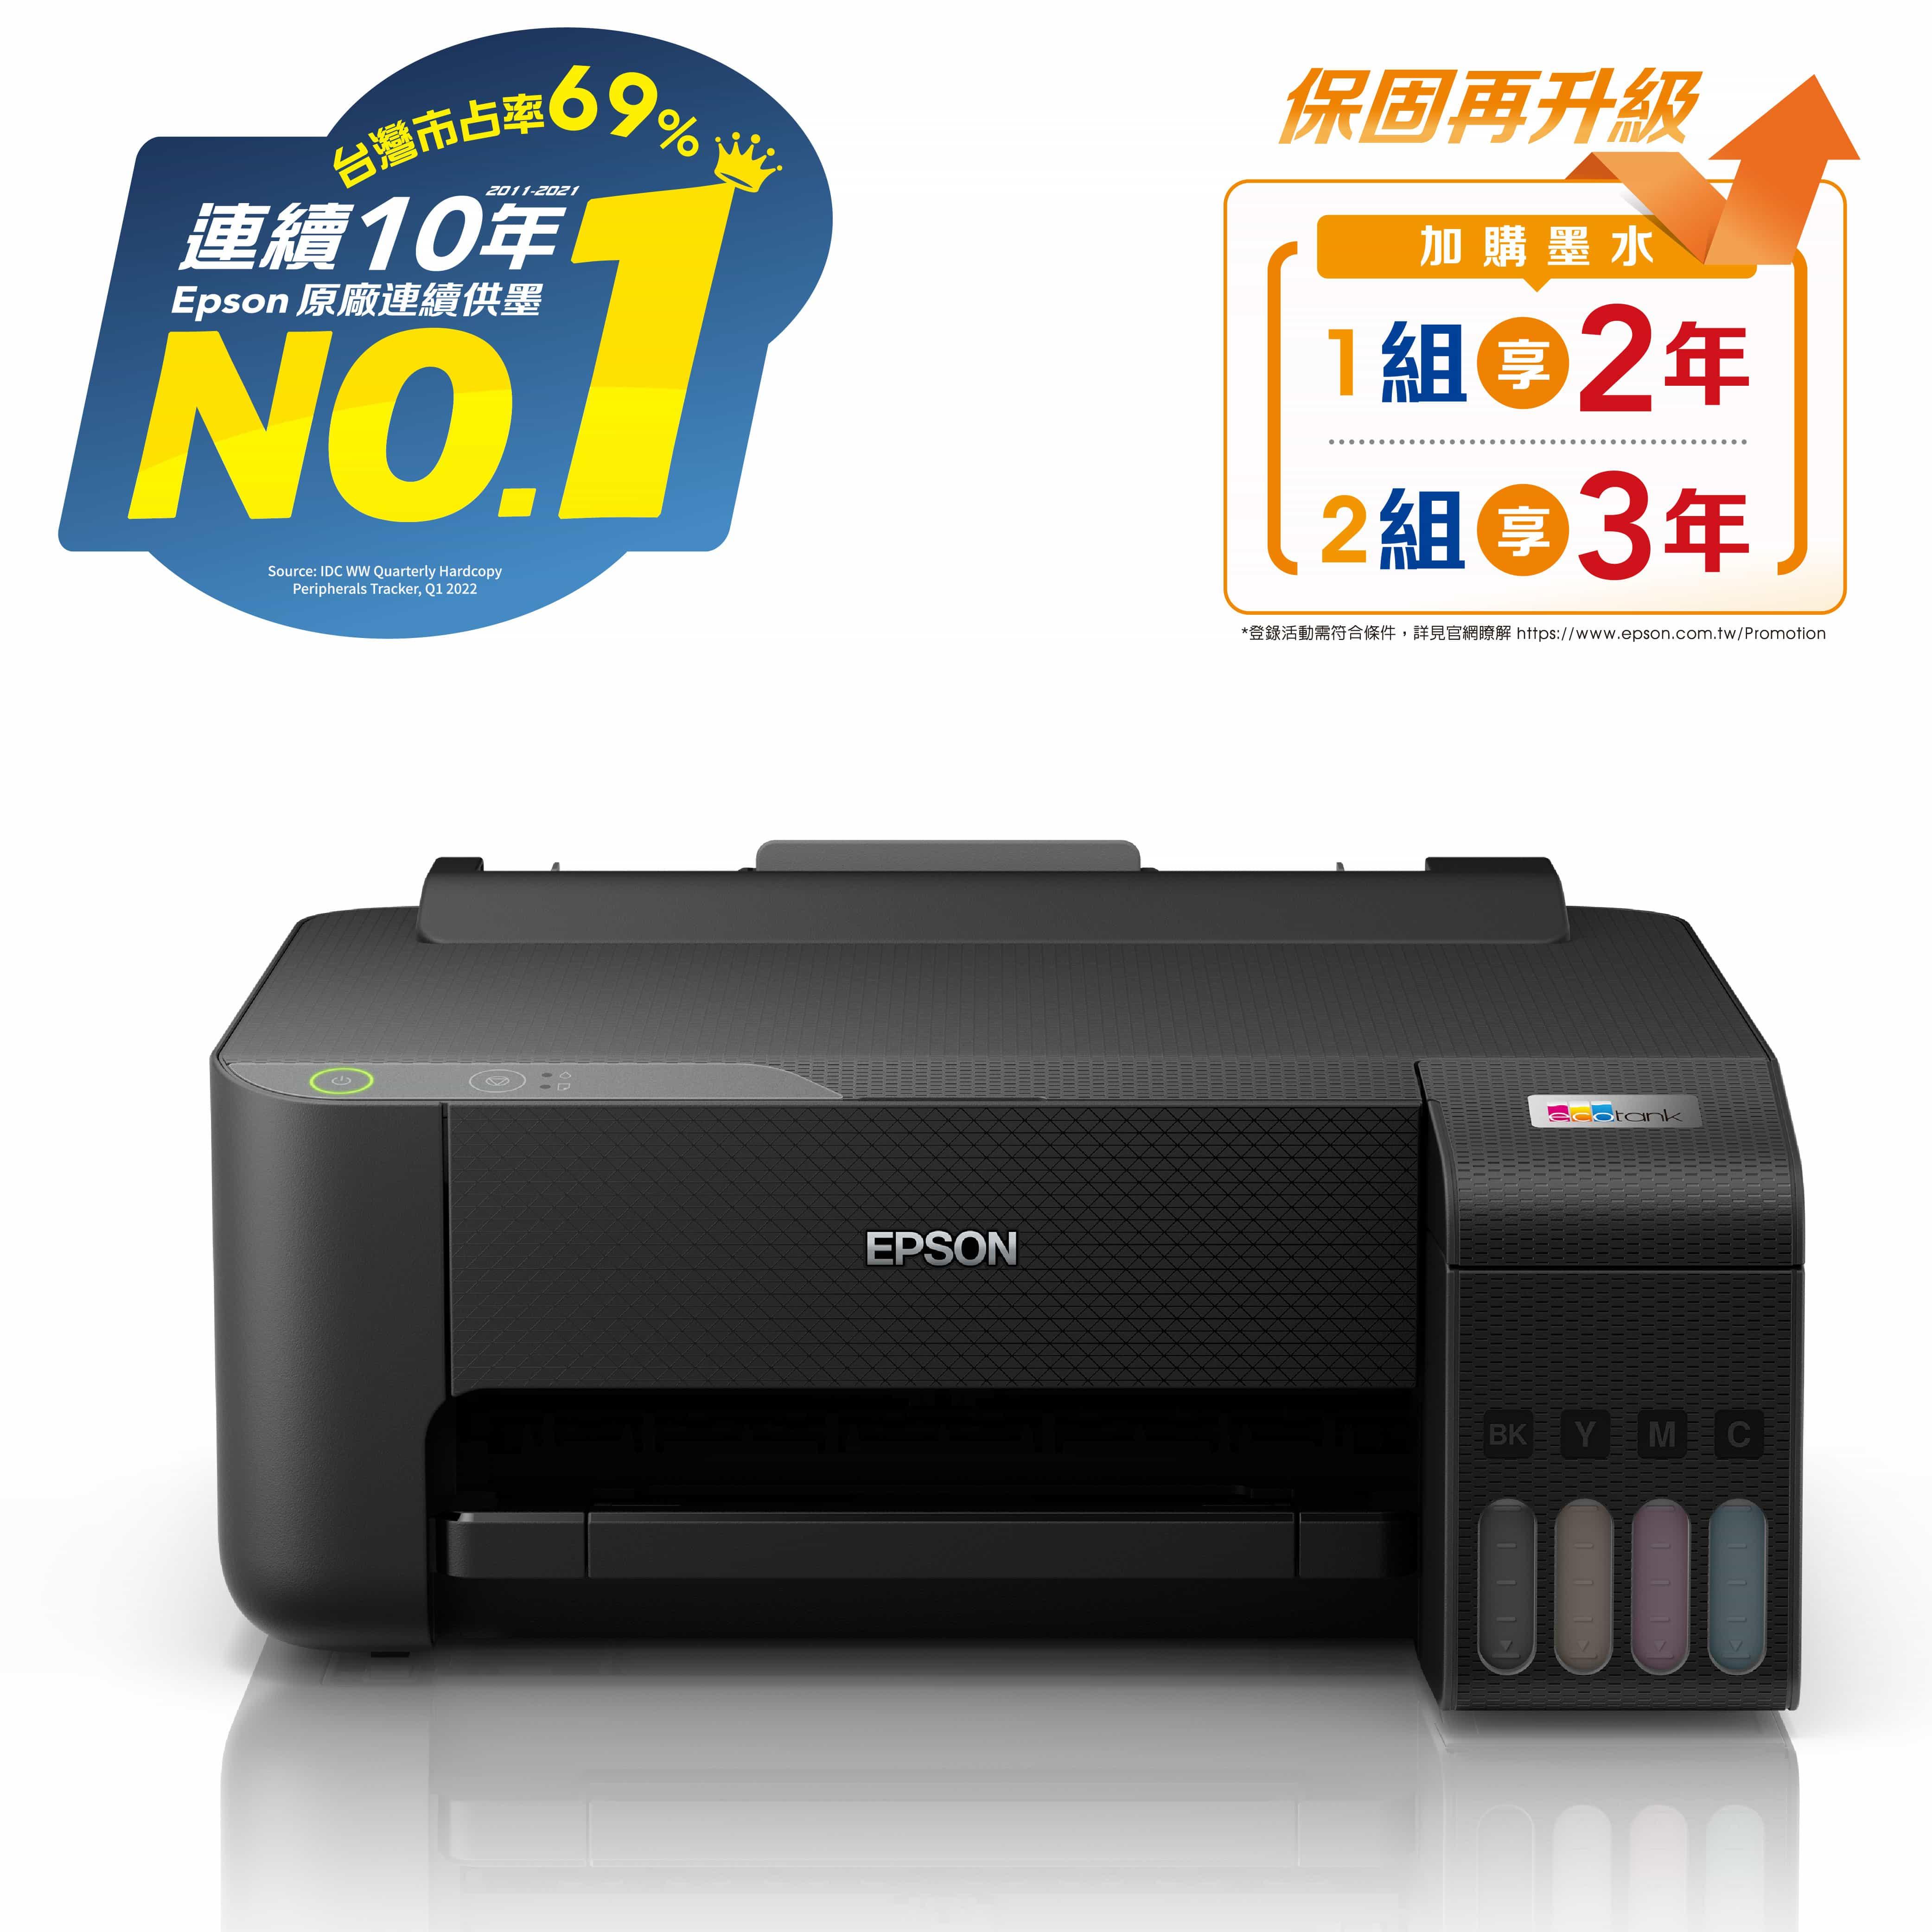 愛普生EPSON L1210 高速單功能 連續供墨印表機